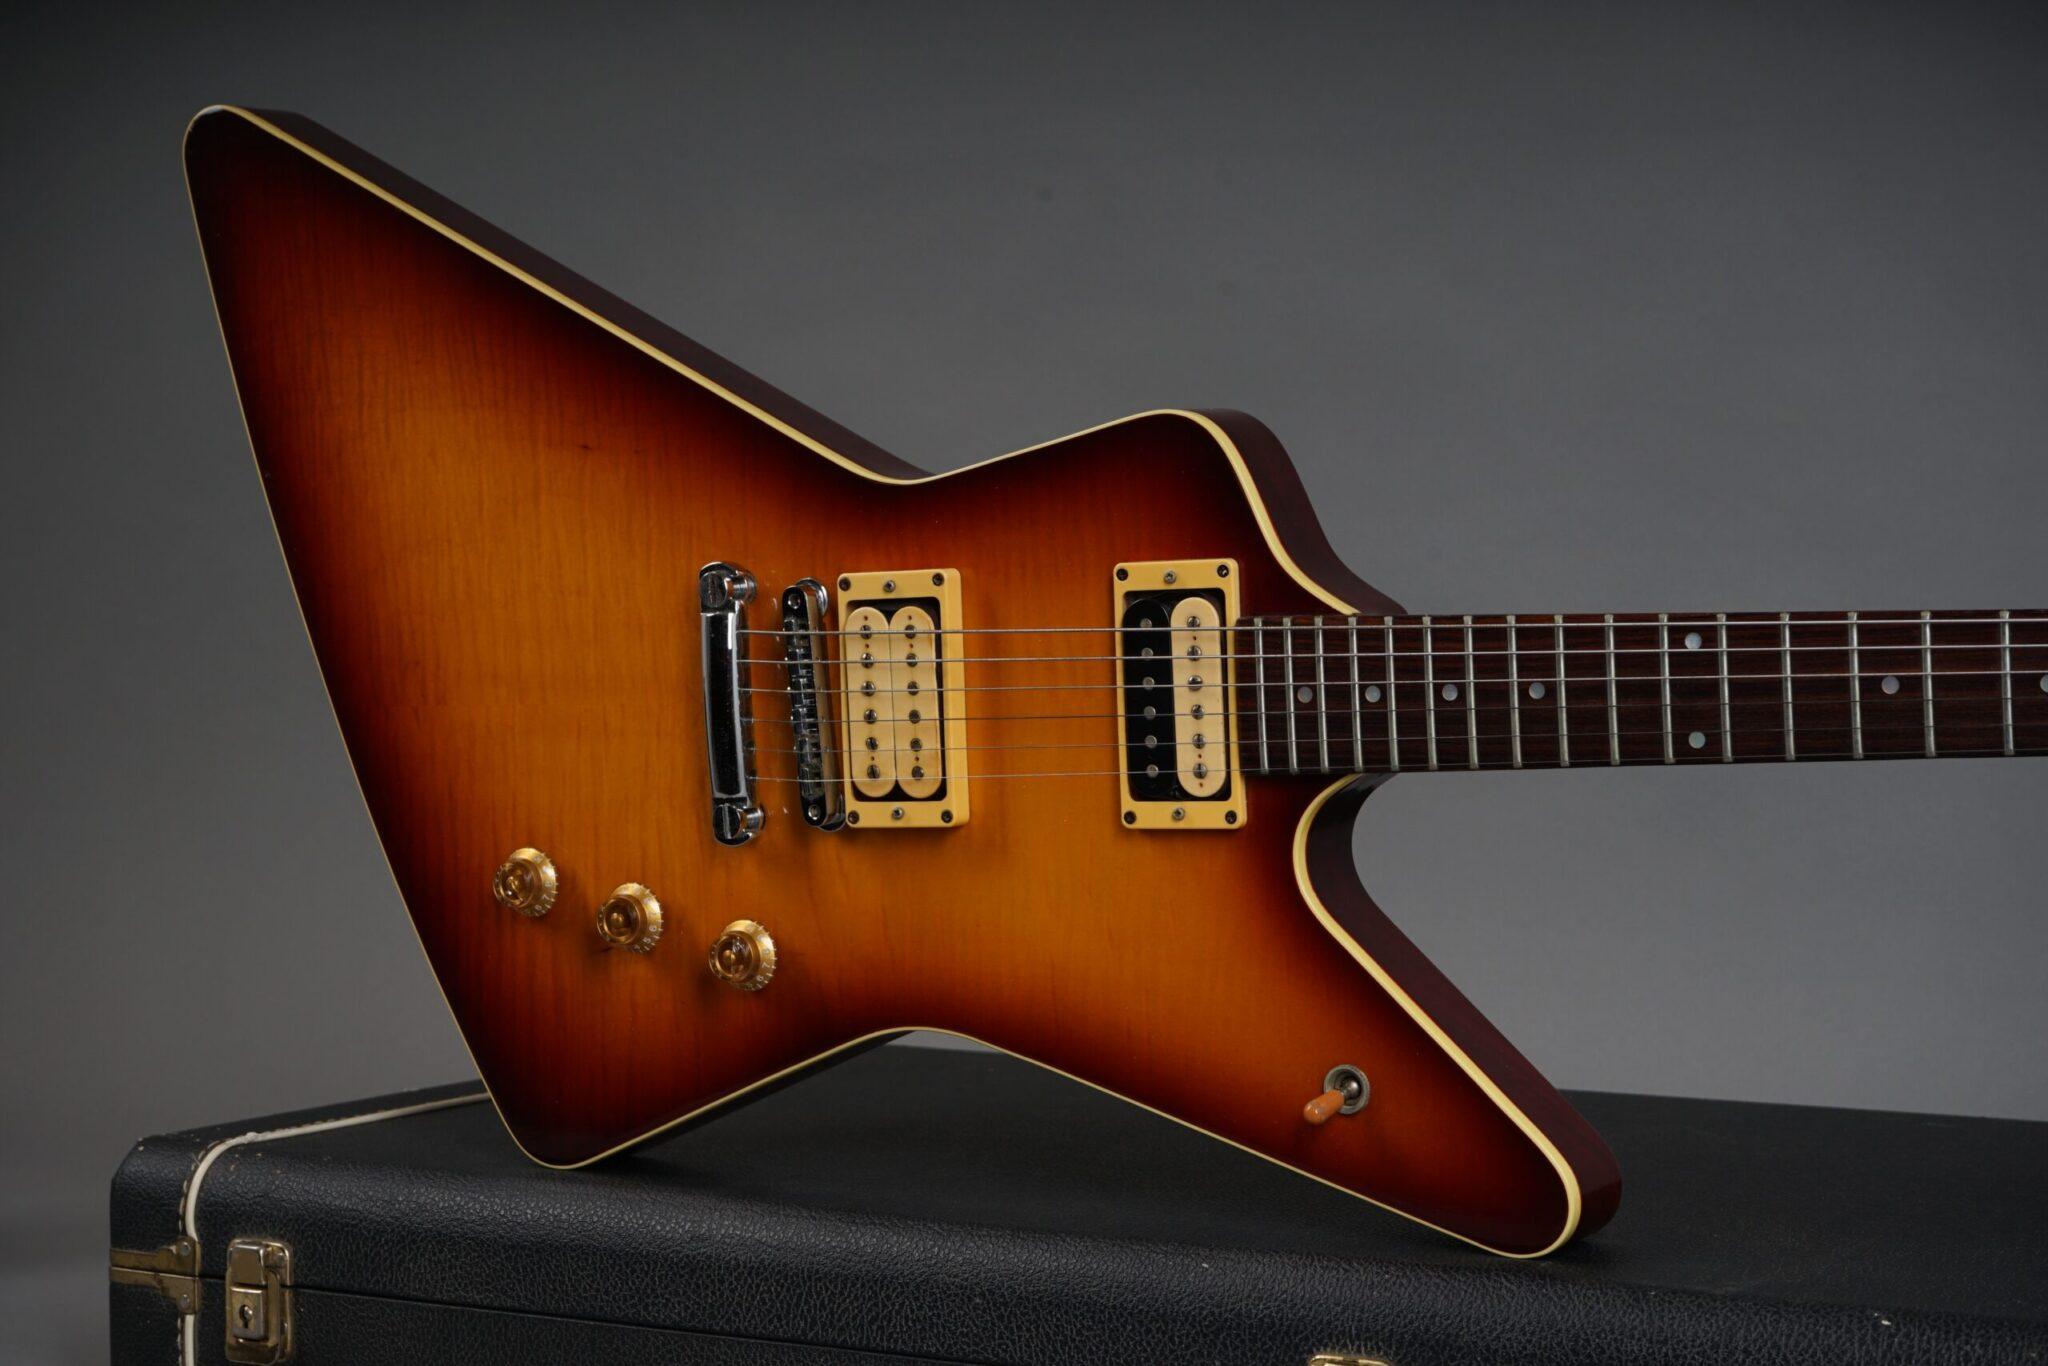 https://guitarpoint.de/app/uploads/products/1979-hamer-standard-sunburst-3/1979-Hamer-Standard-Sunburst-0202-19-1-scaled-2048x1366.jpg